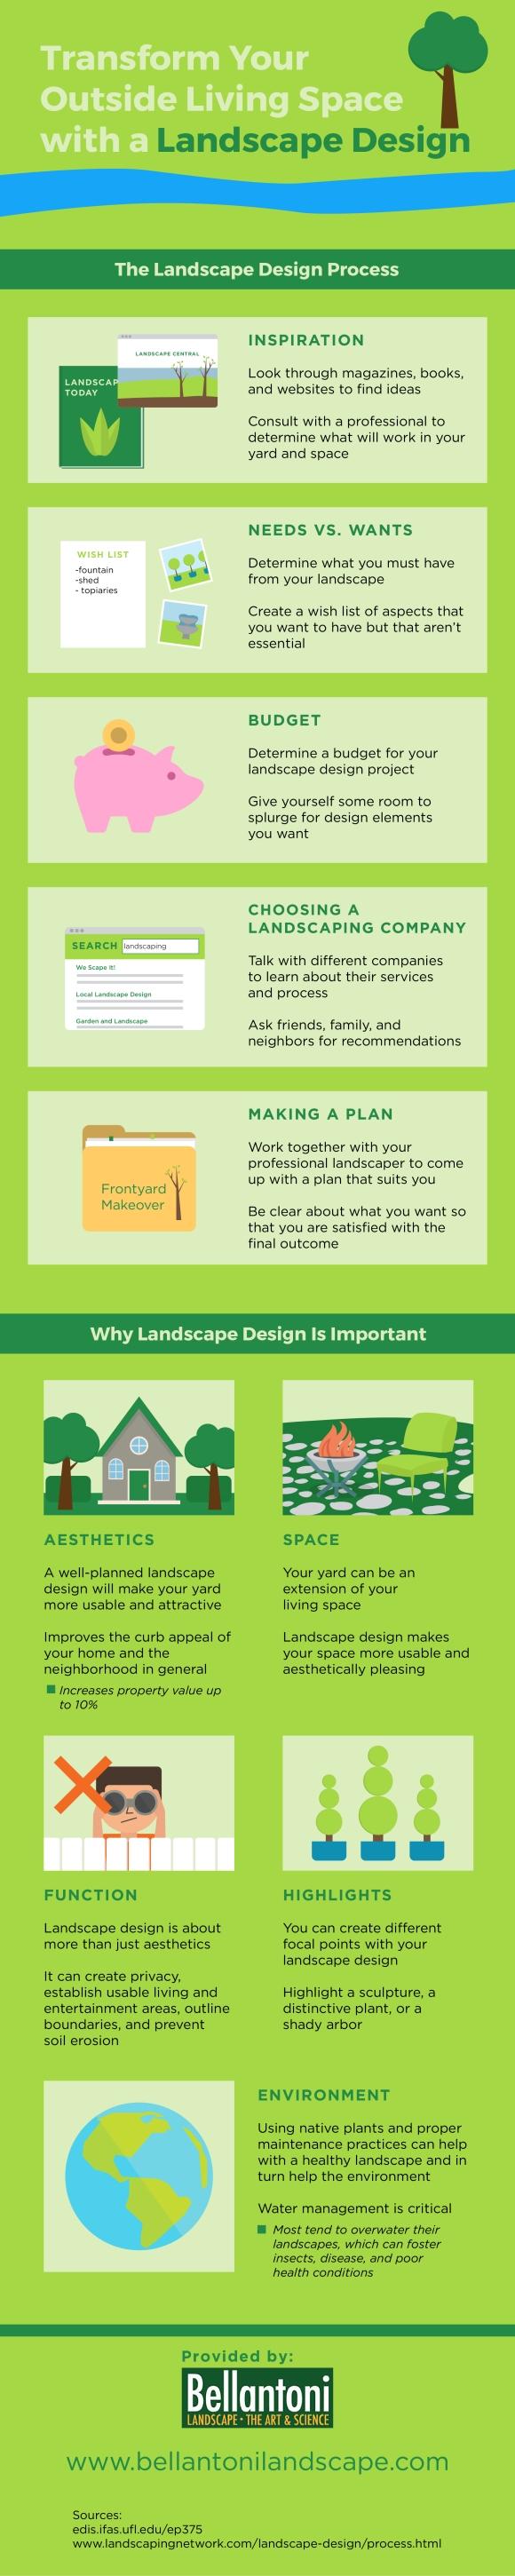 Infographic About Landscape Design